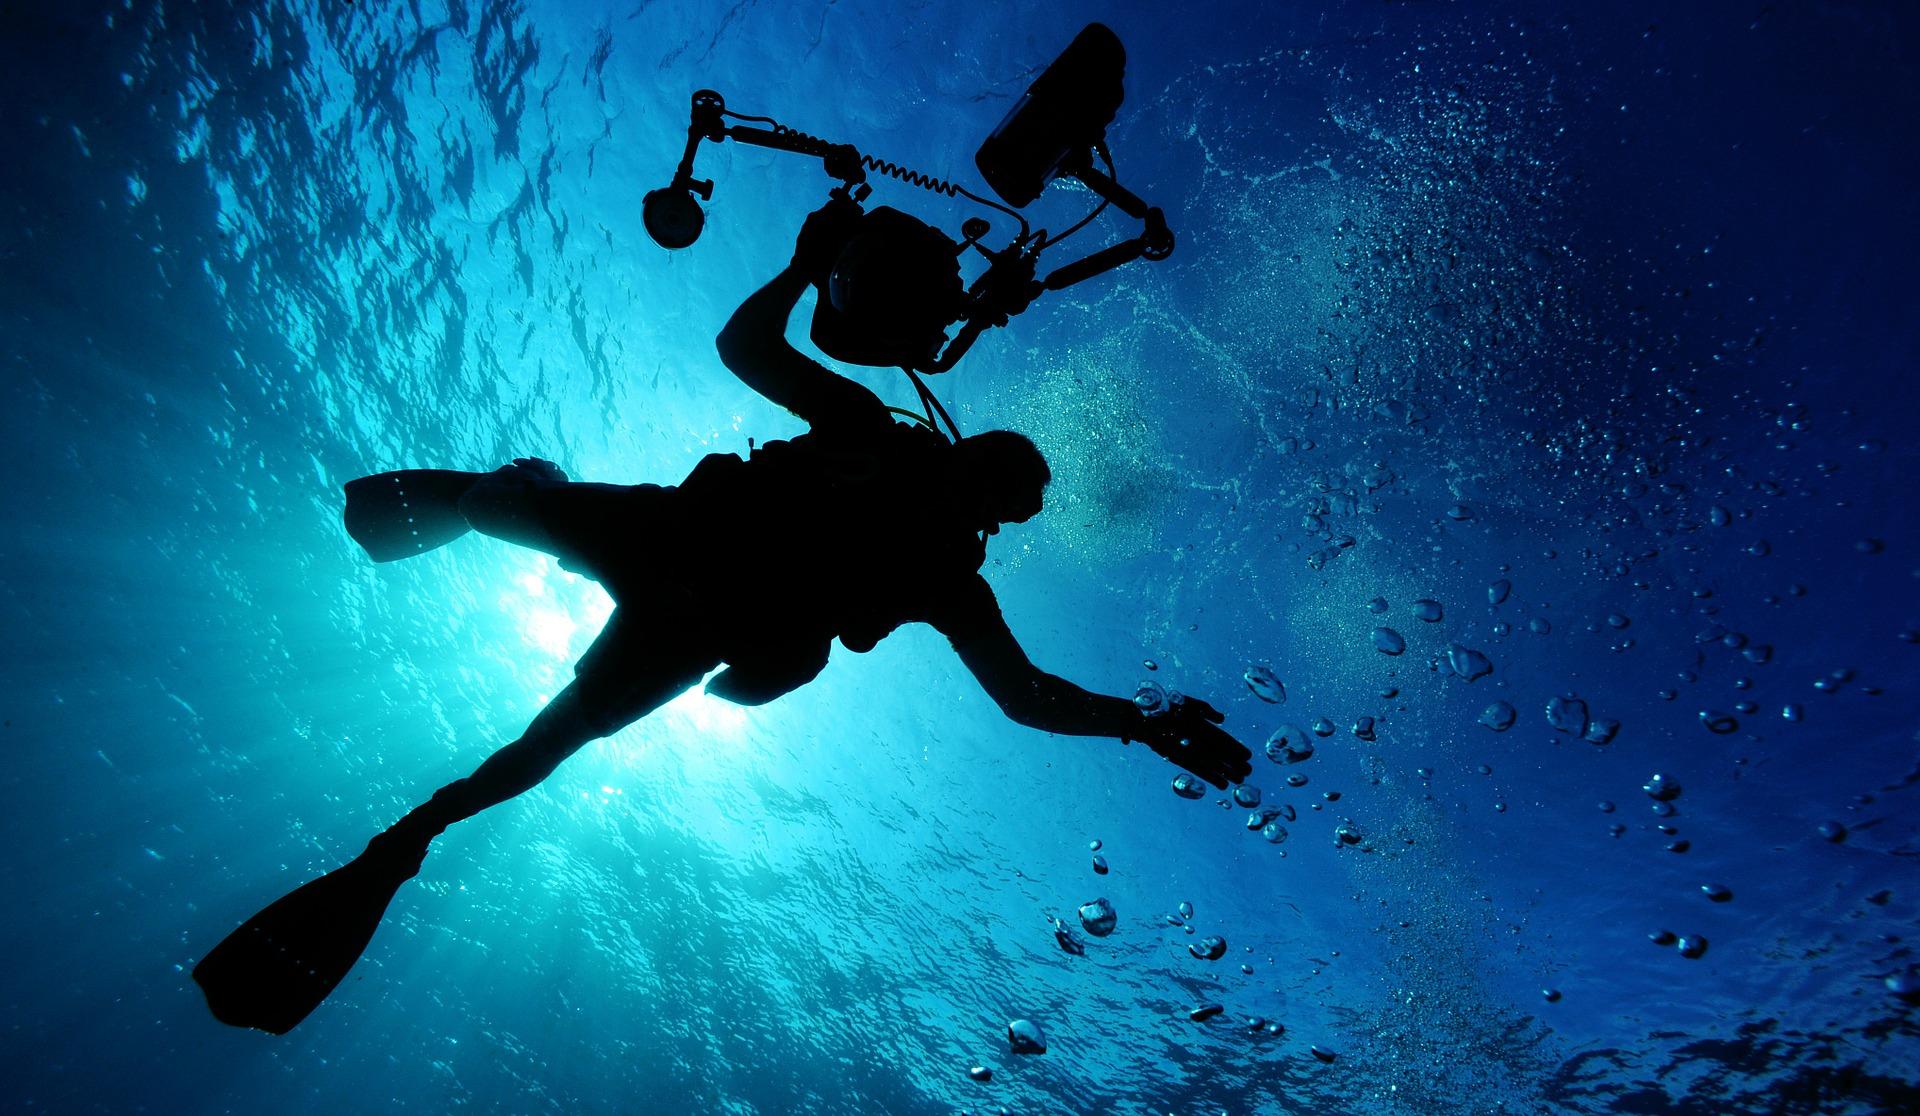 Relaxar e aproveitar as maravilhas do mar.